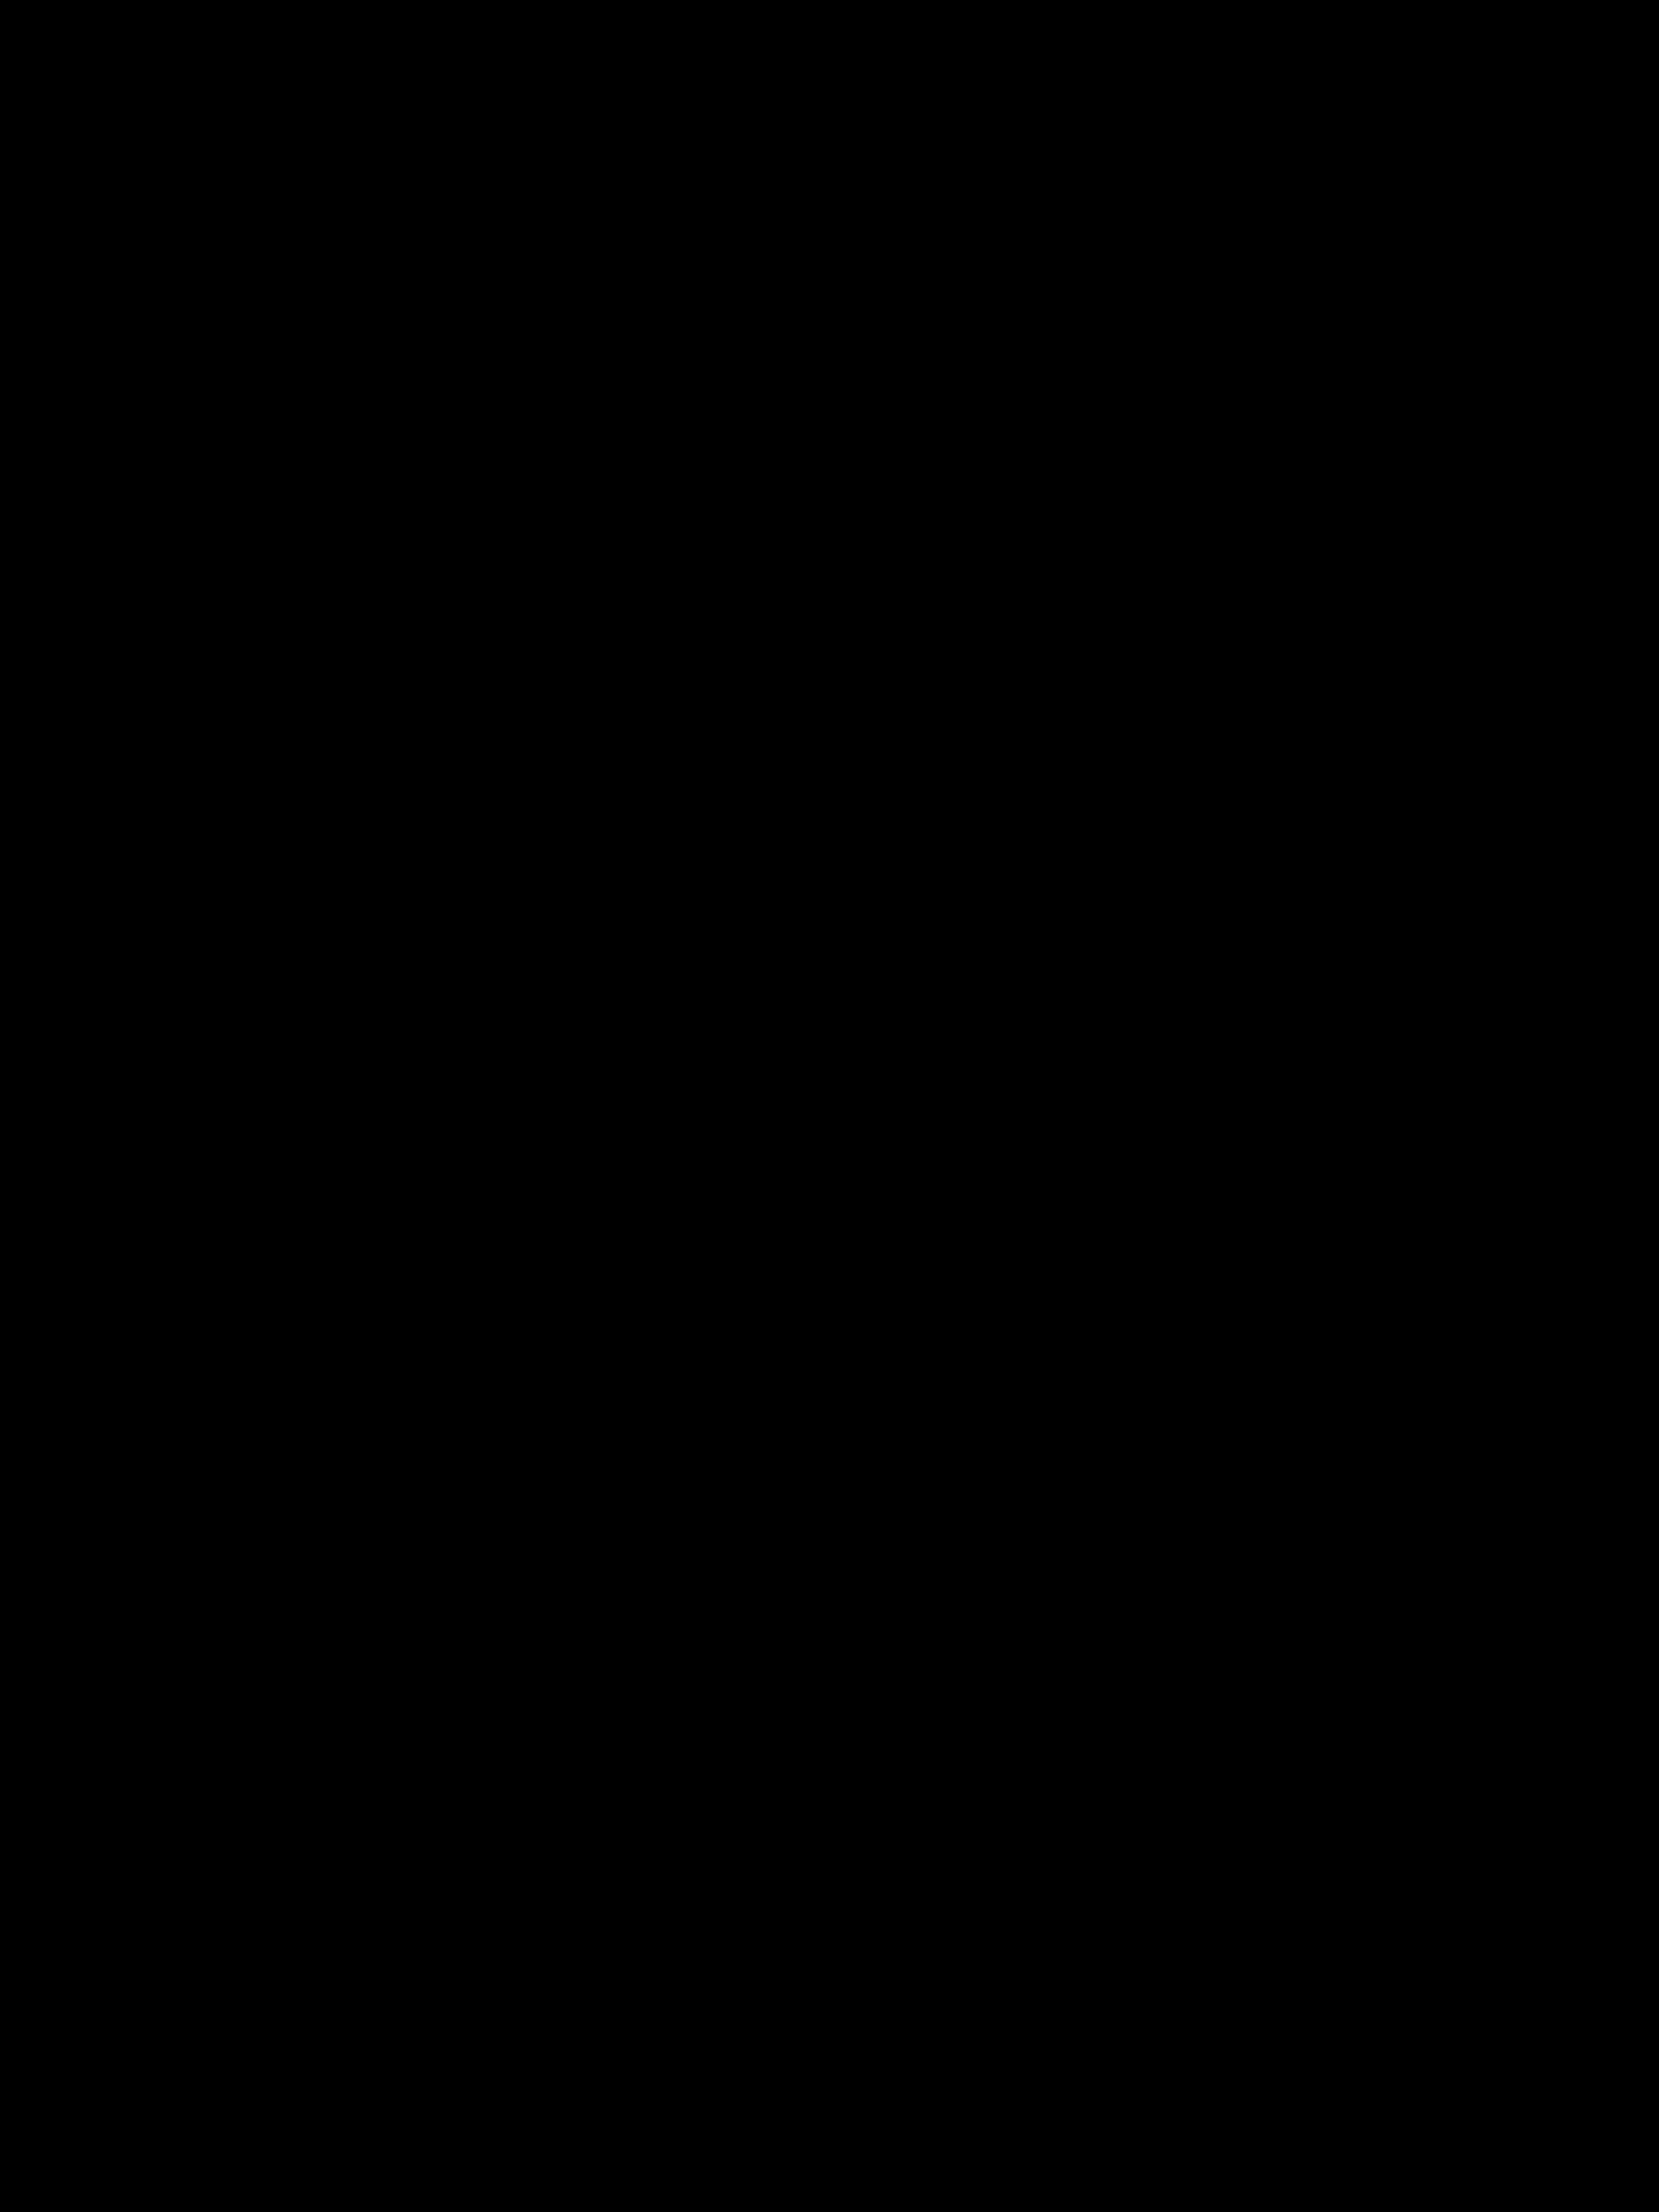 Unity校园大使主题技术沙龙 - 电子科技大学活动总结